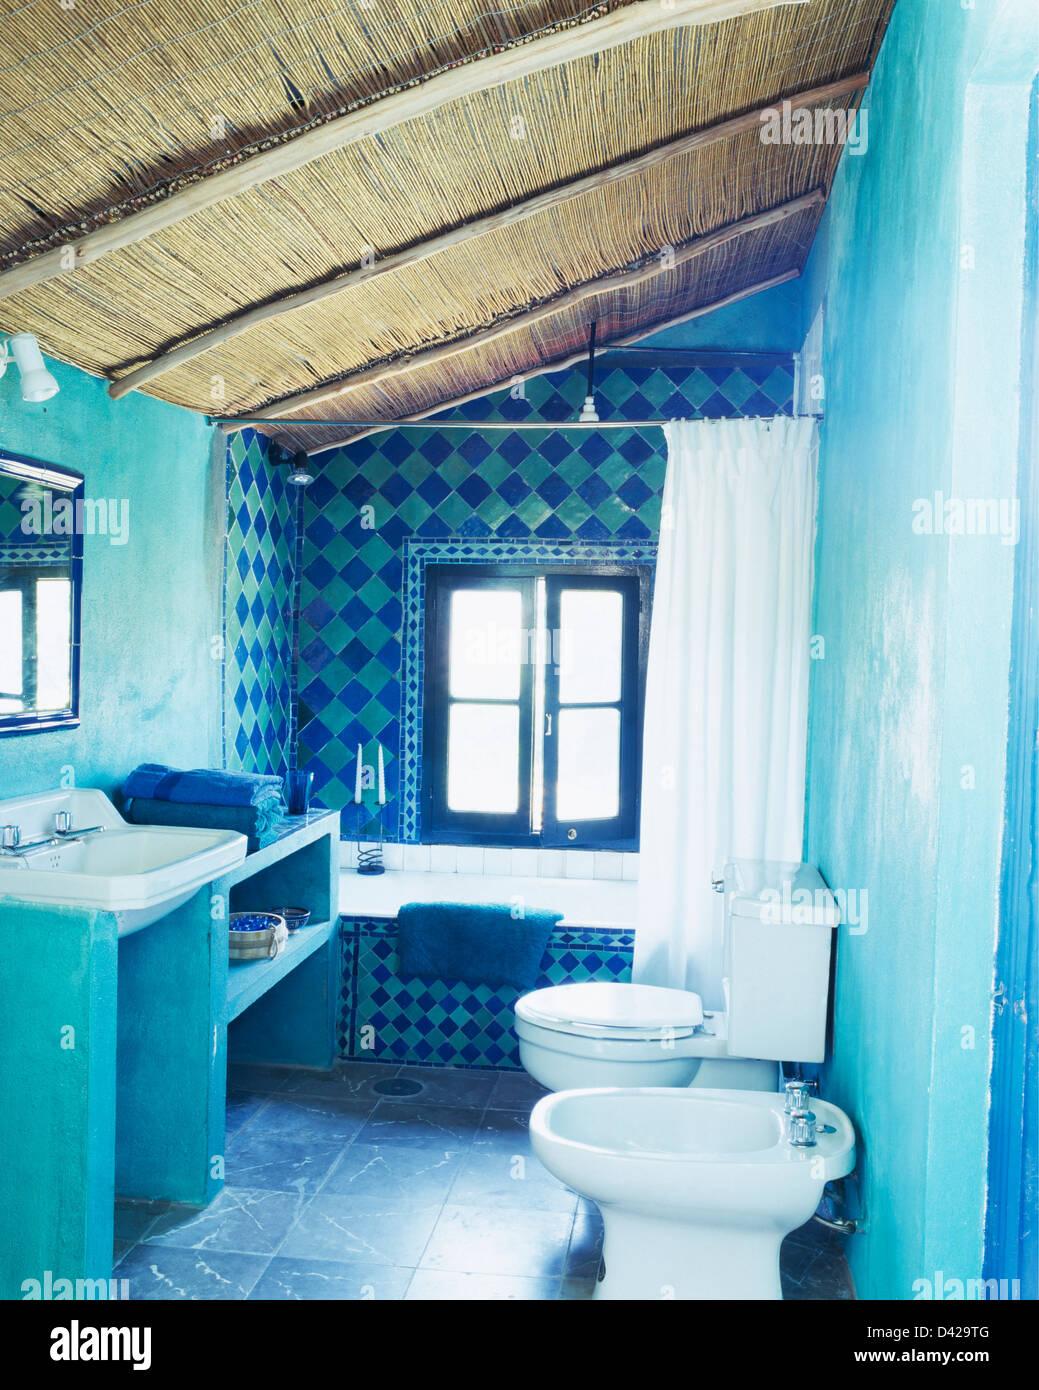 Plafond de chaume en espagnol turquoise bleu décoration salle de ...